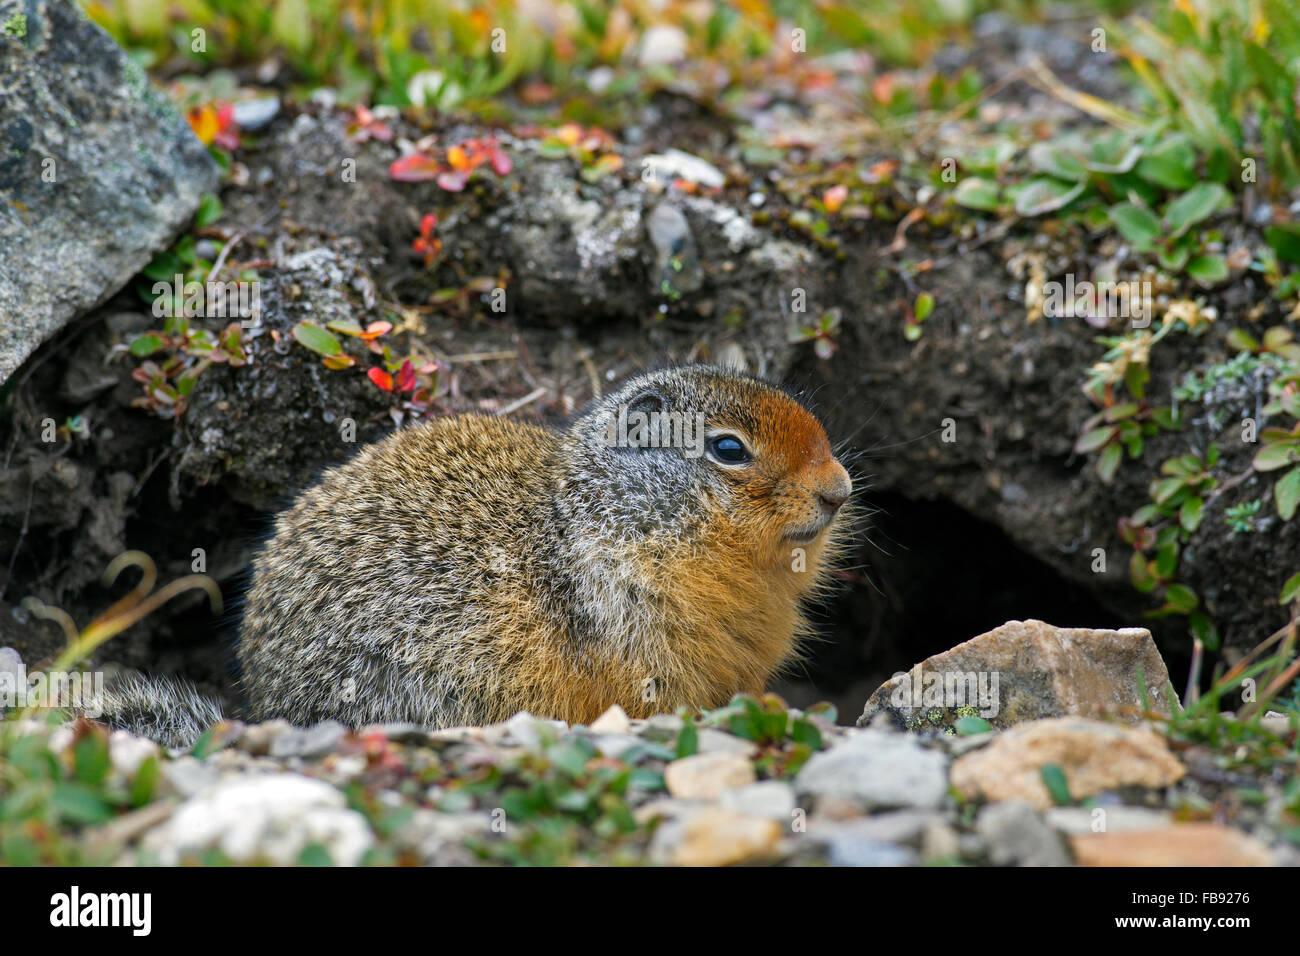 Columbian ground squirrel (Urocitellus columbianus / Spermophilus columbianus) in front of burrow, native to Canada - Stock Image